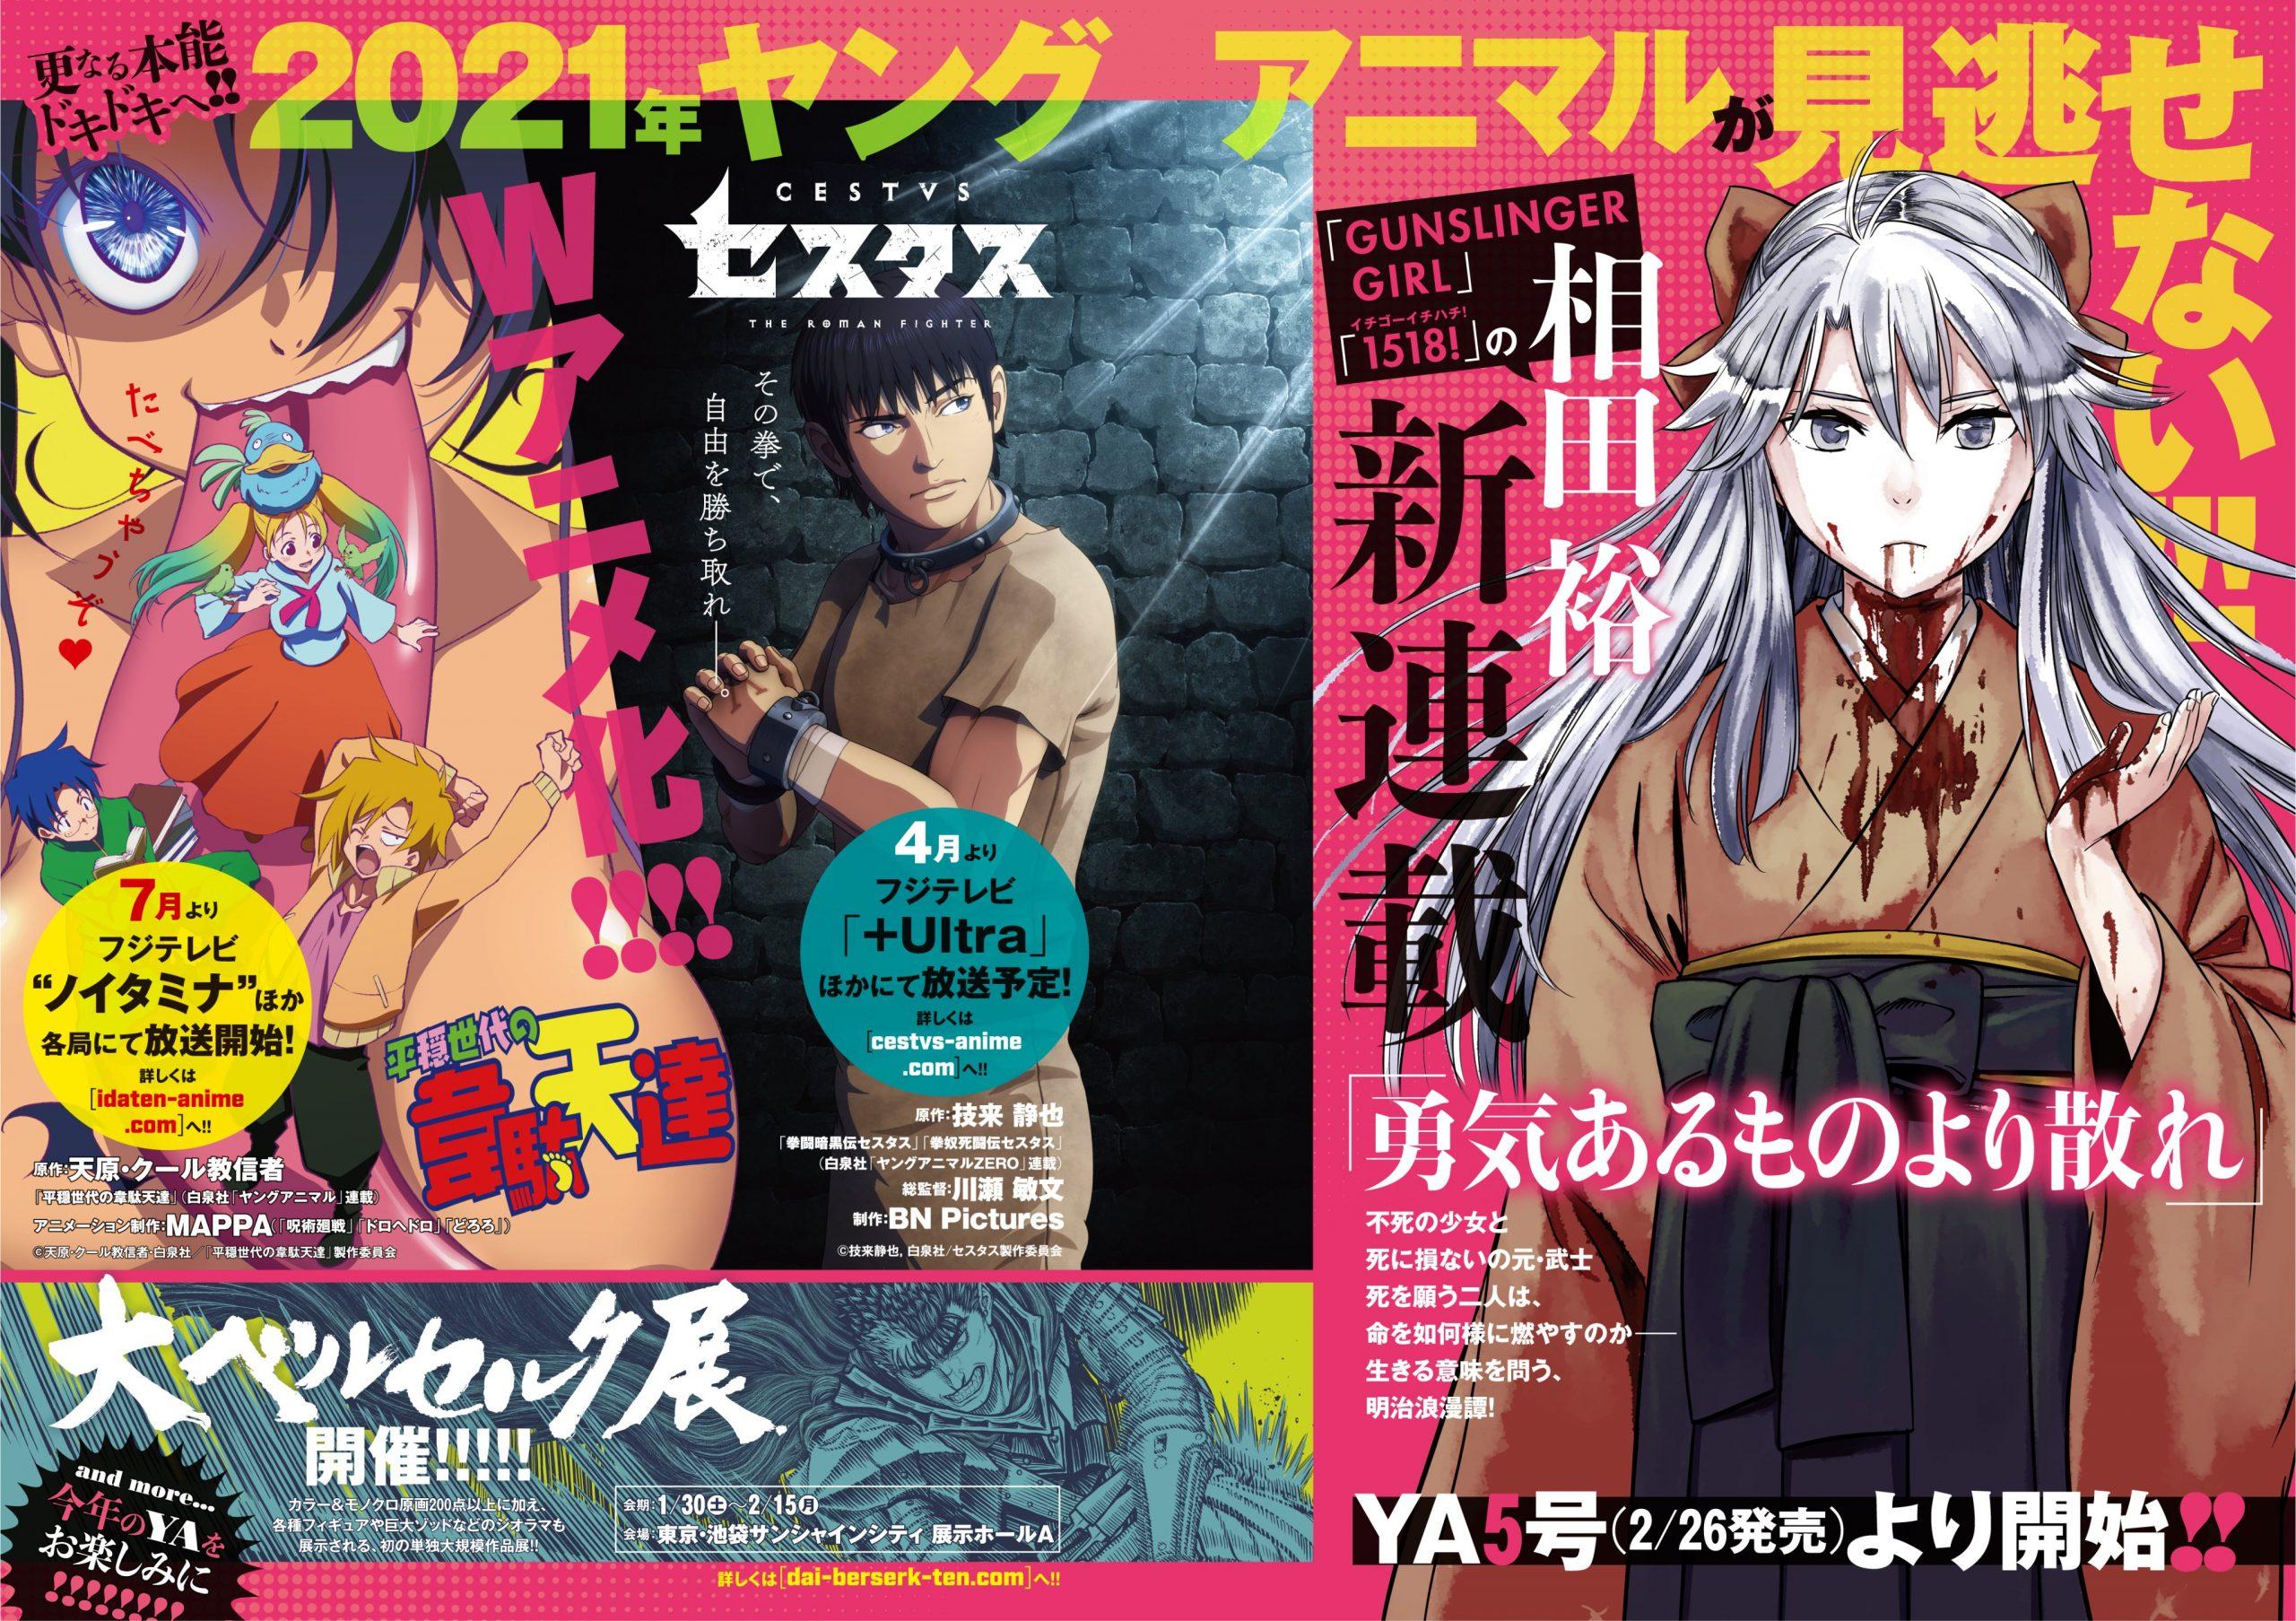 Portada de la revista Young Animal con la protagonista de 'Yūki Aru Mono Yorichire' a la derecha mientras tiene el cuello cubierto de sangre en un fondo fucsia.